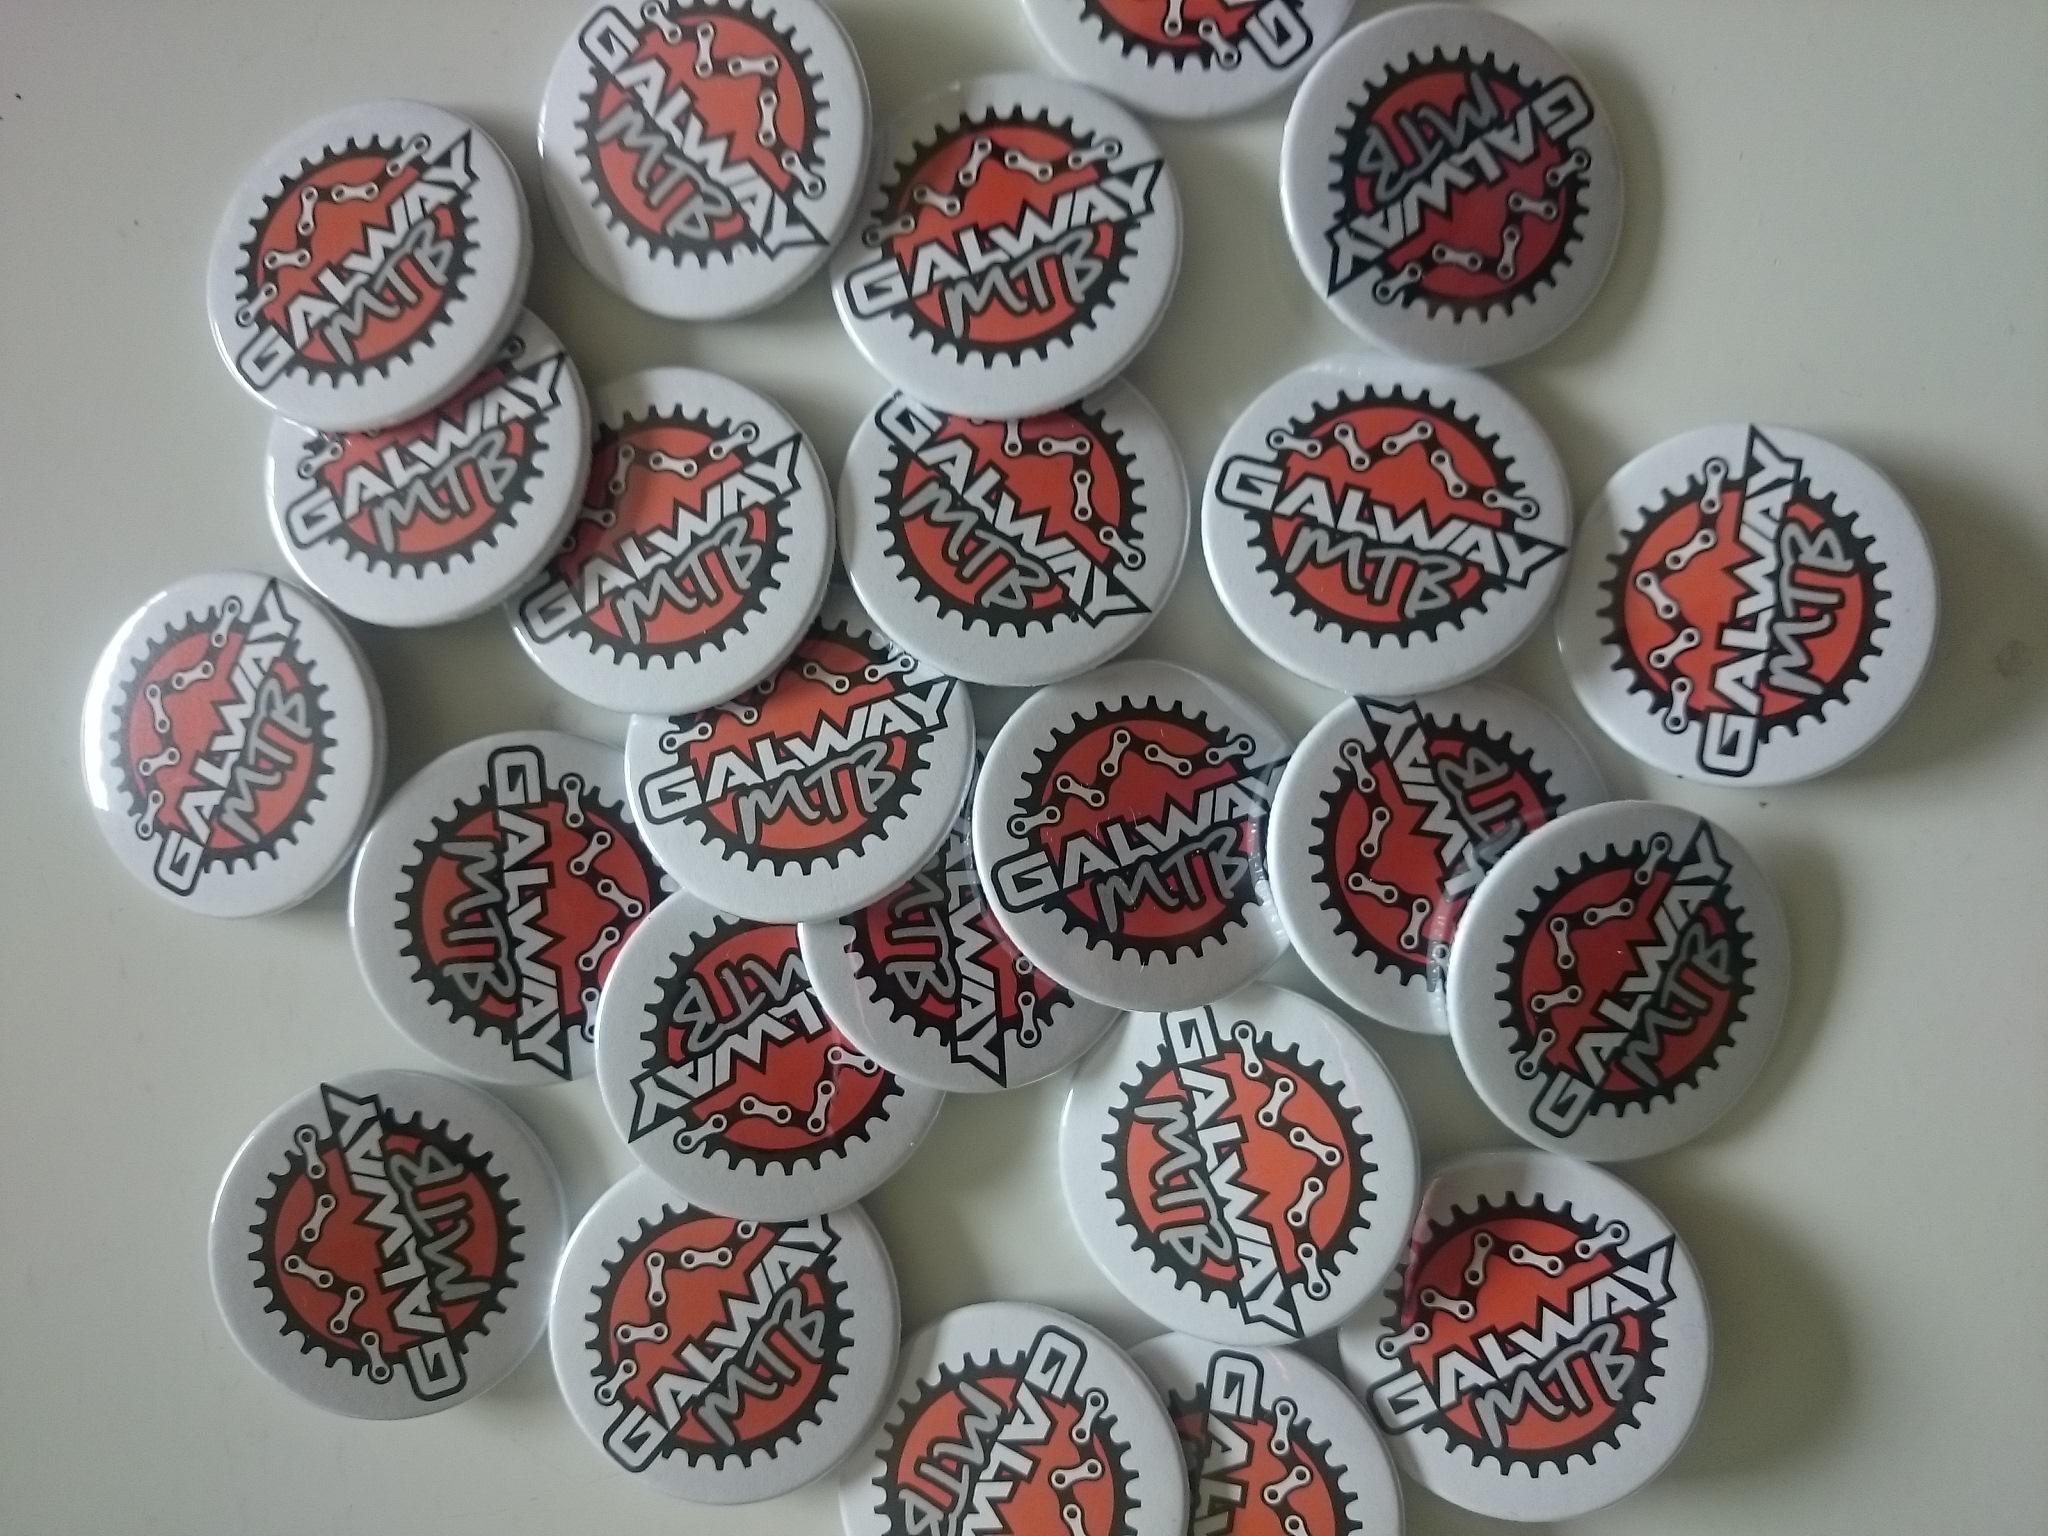 38mm badges